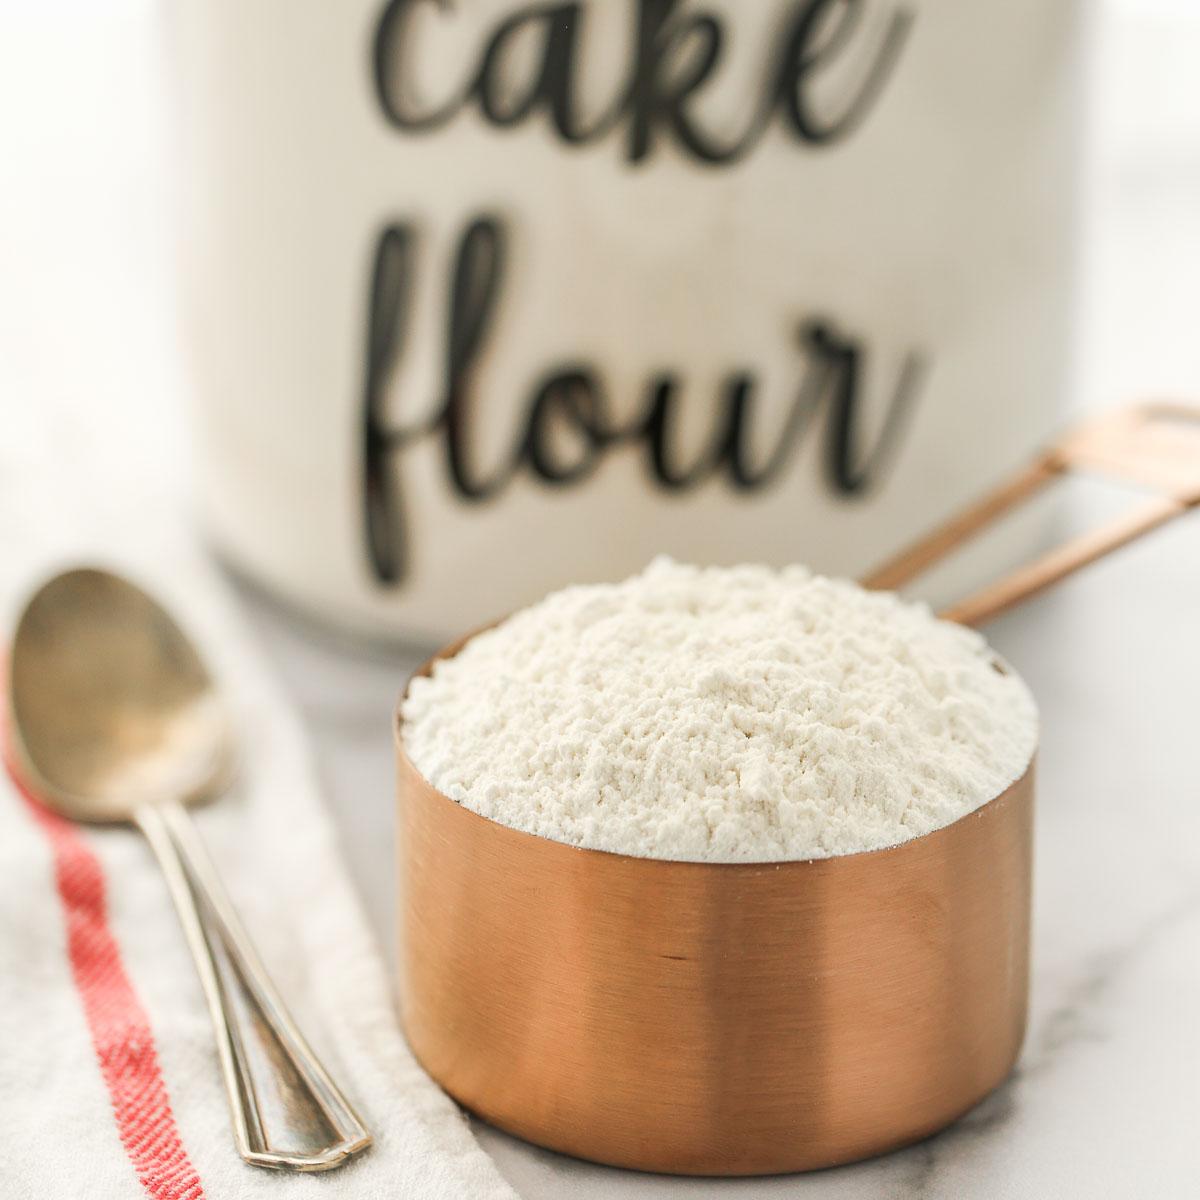 Live Well Bake Often